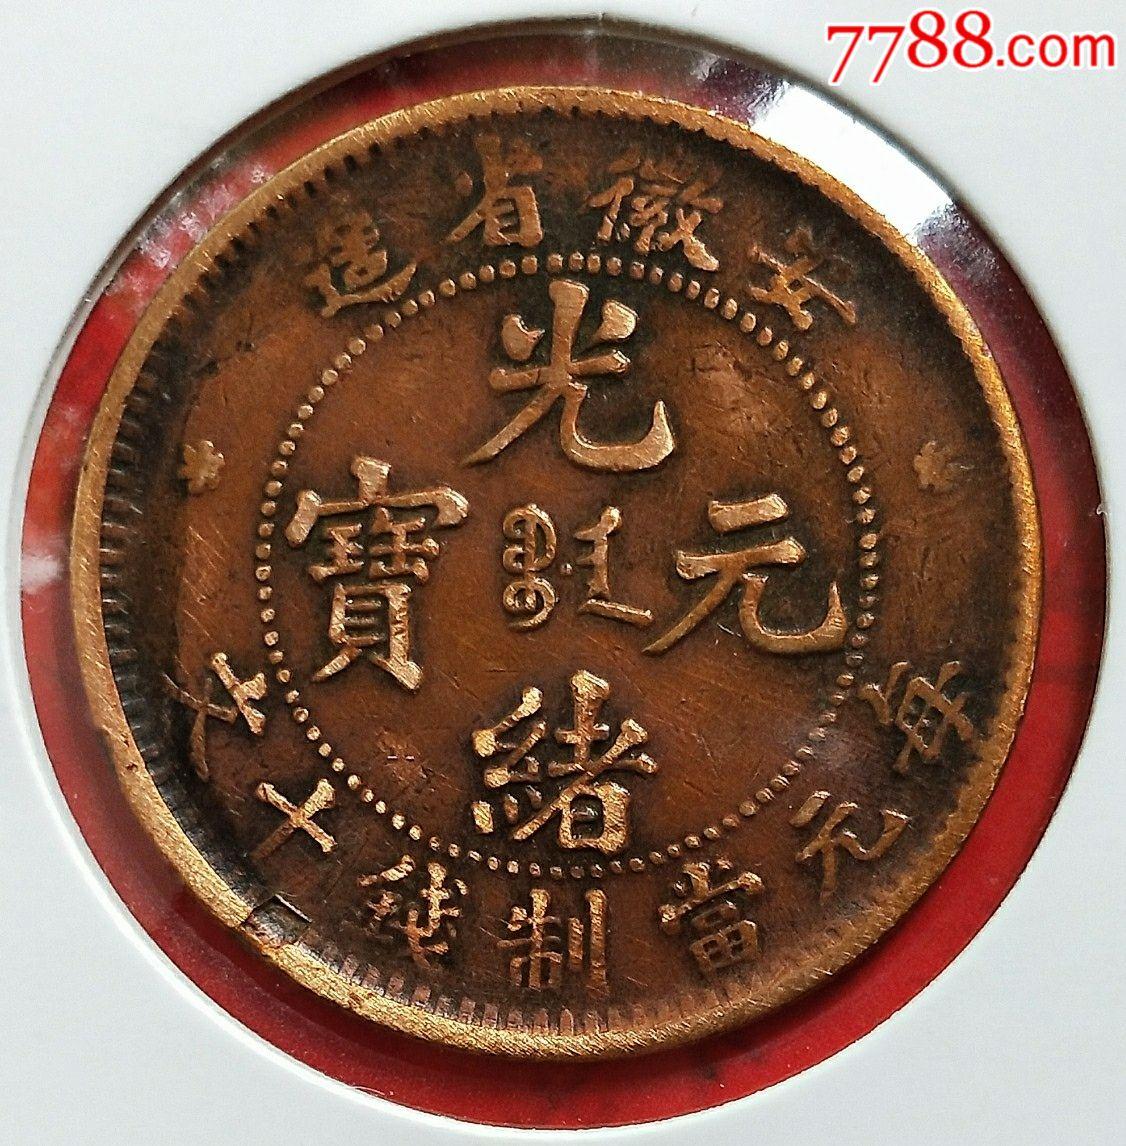 安徽.三星.珠圈.粗刺.大坐��(3679)(se66593748)_